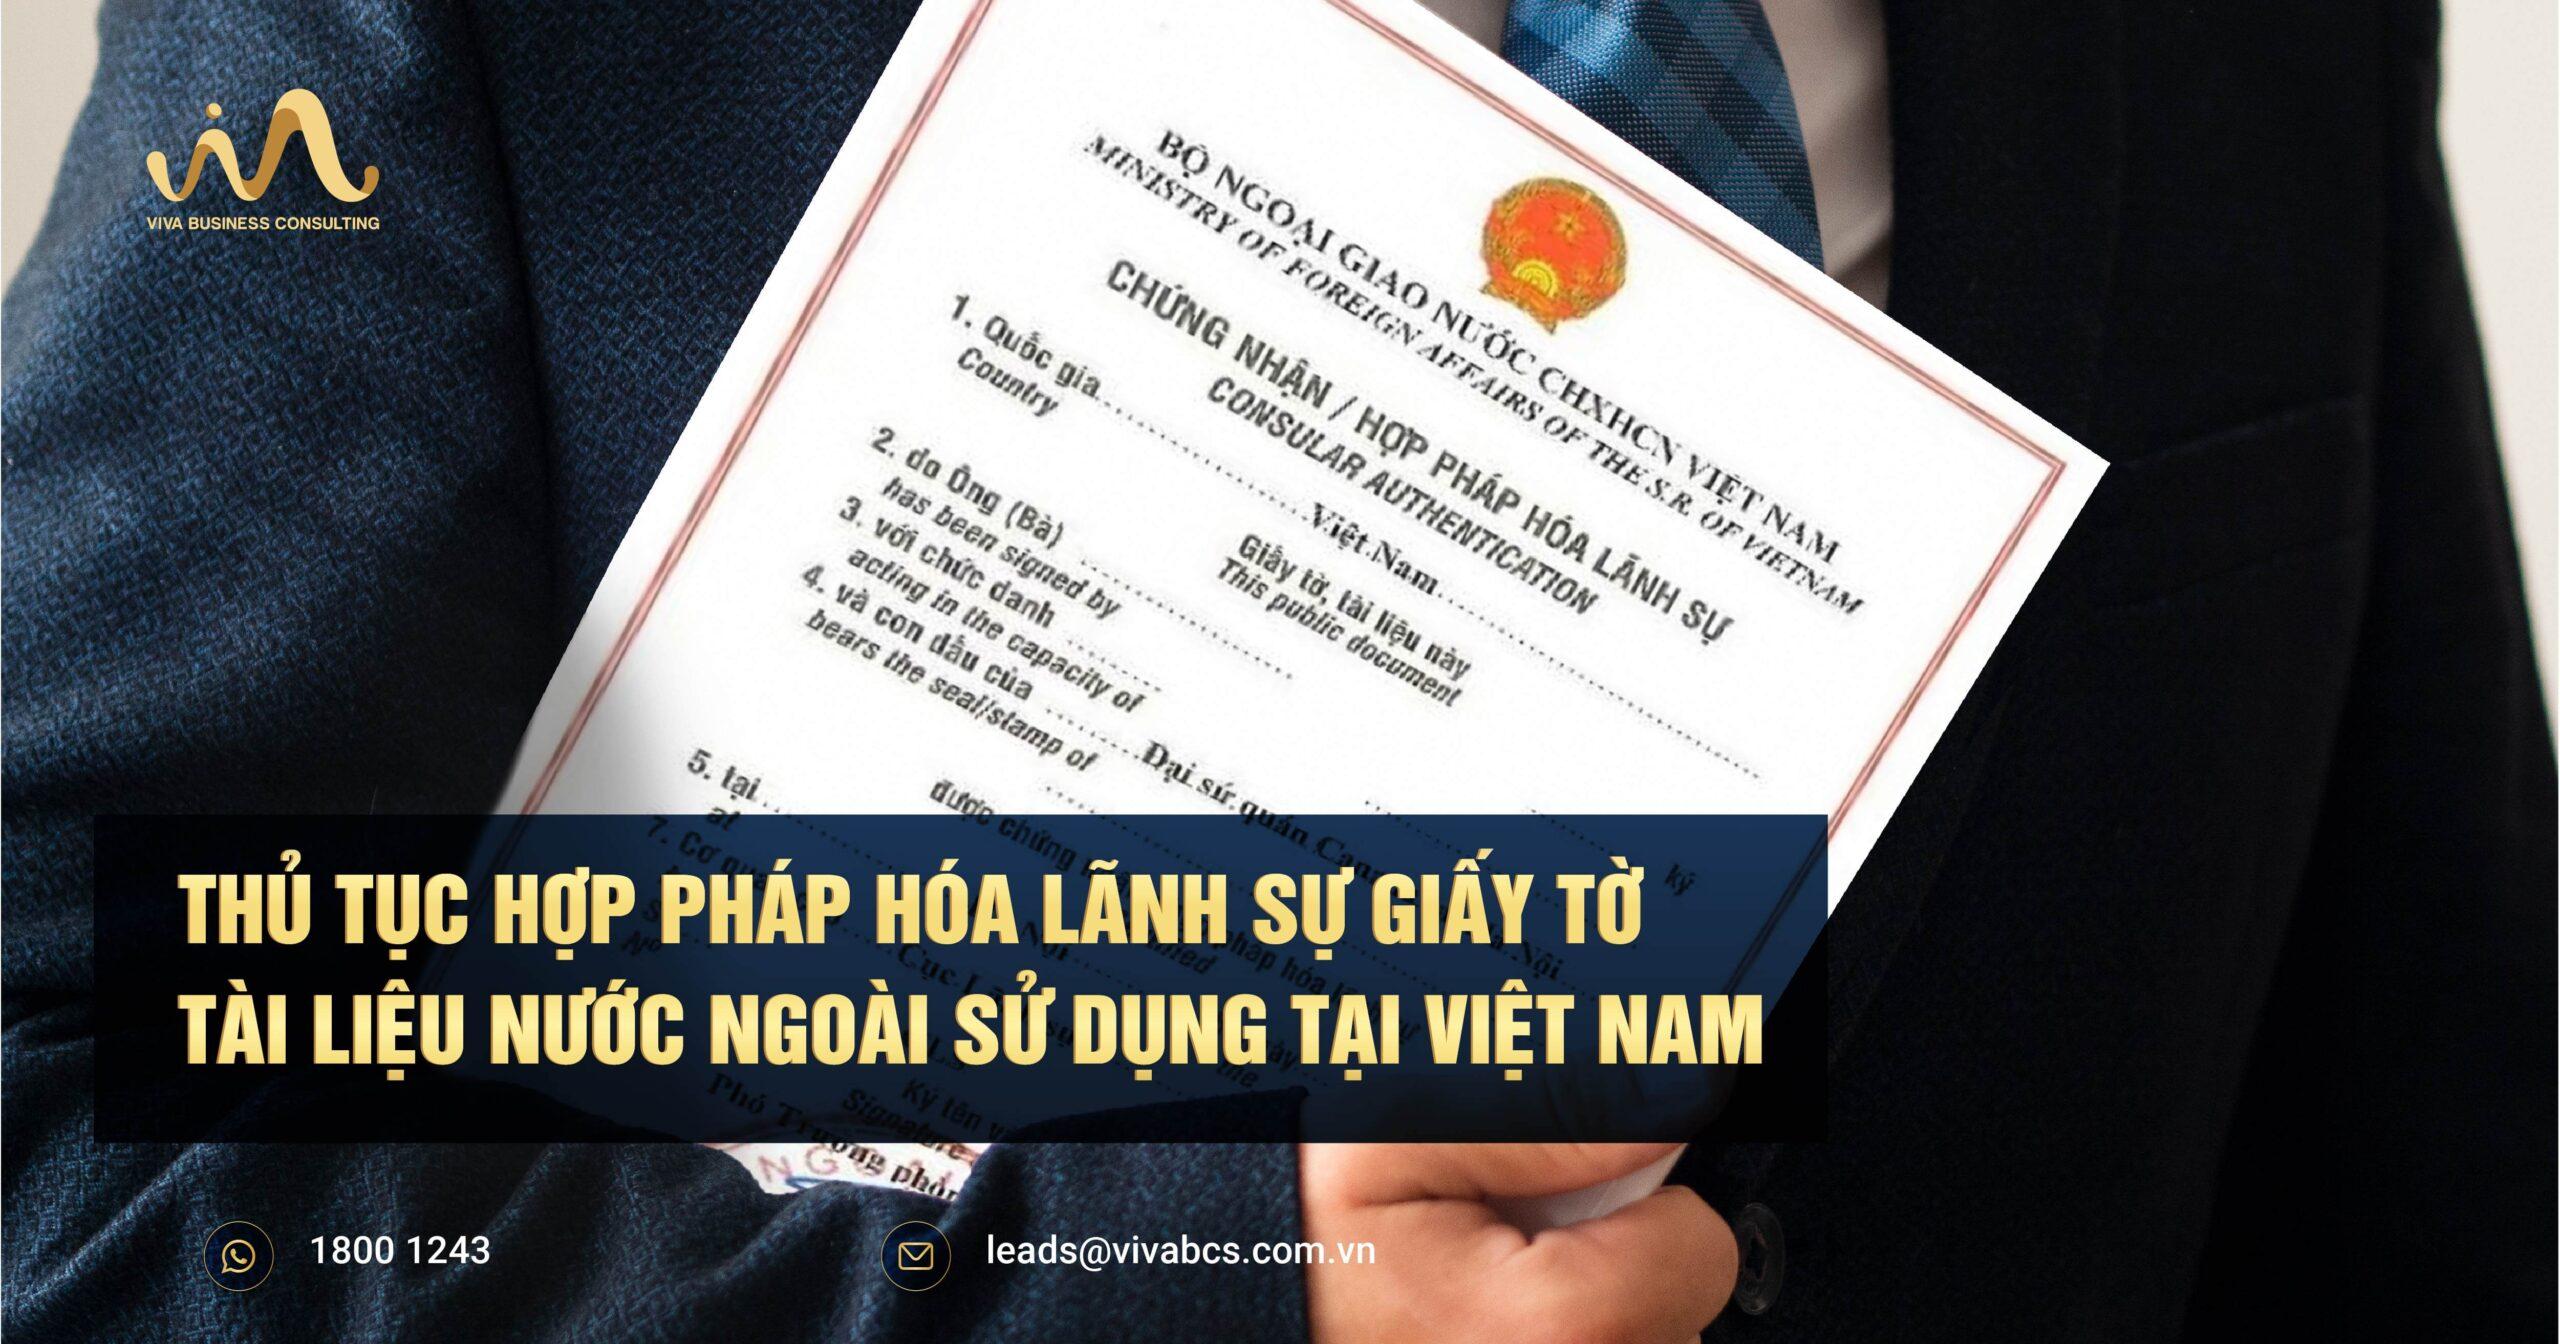 Thủ tục hợp pháp hóa lãnh sự giấy tờ tài liệu nước ngoài